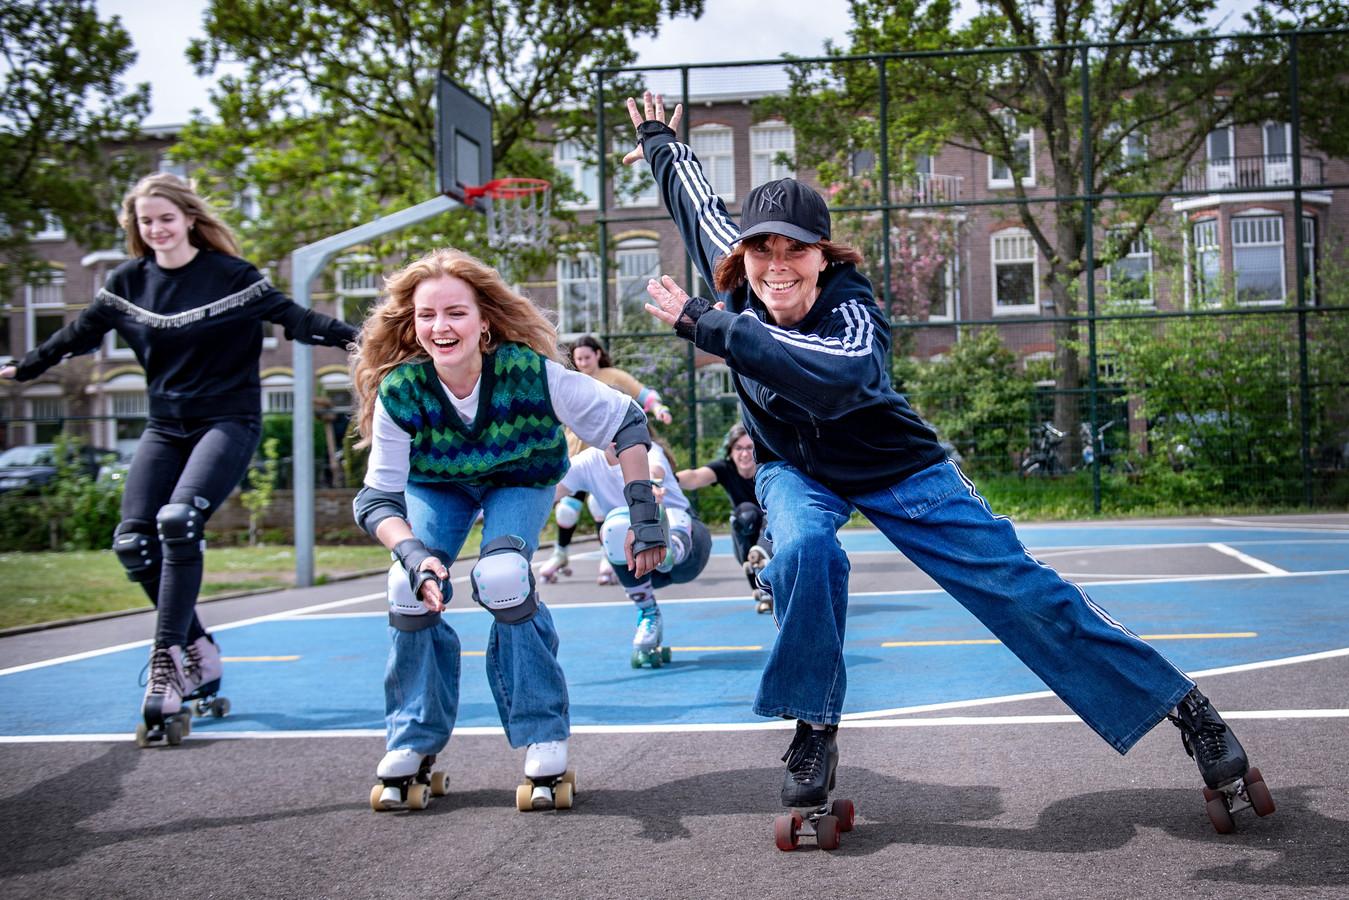 Nijmeegse rolschaatsers. Monic Bakker (met pet) heeft een petitie gestart om een skatebaan in Nijmegen aan te leggen.